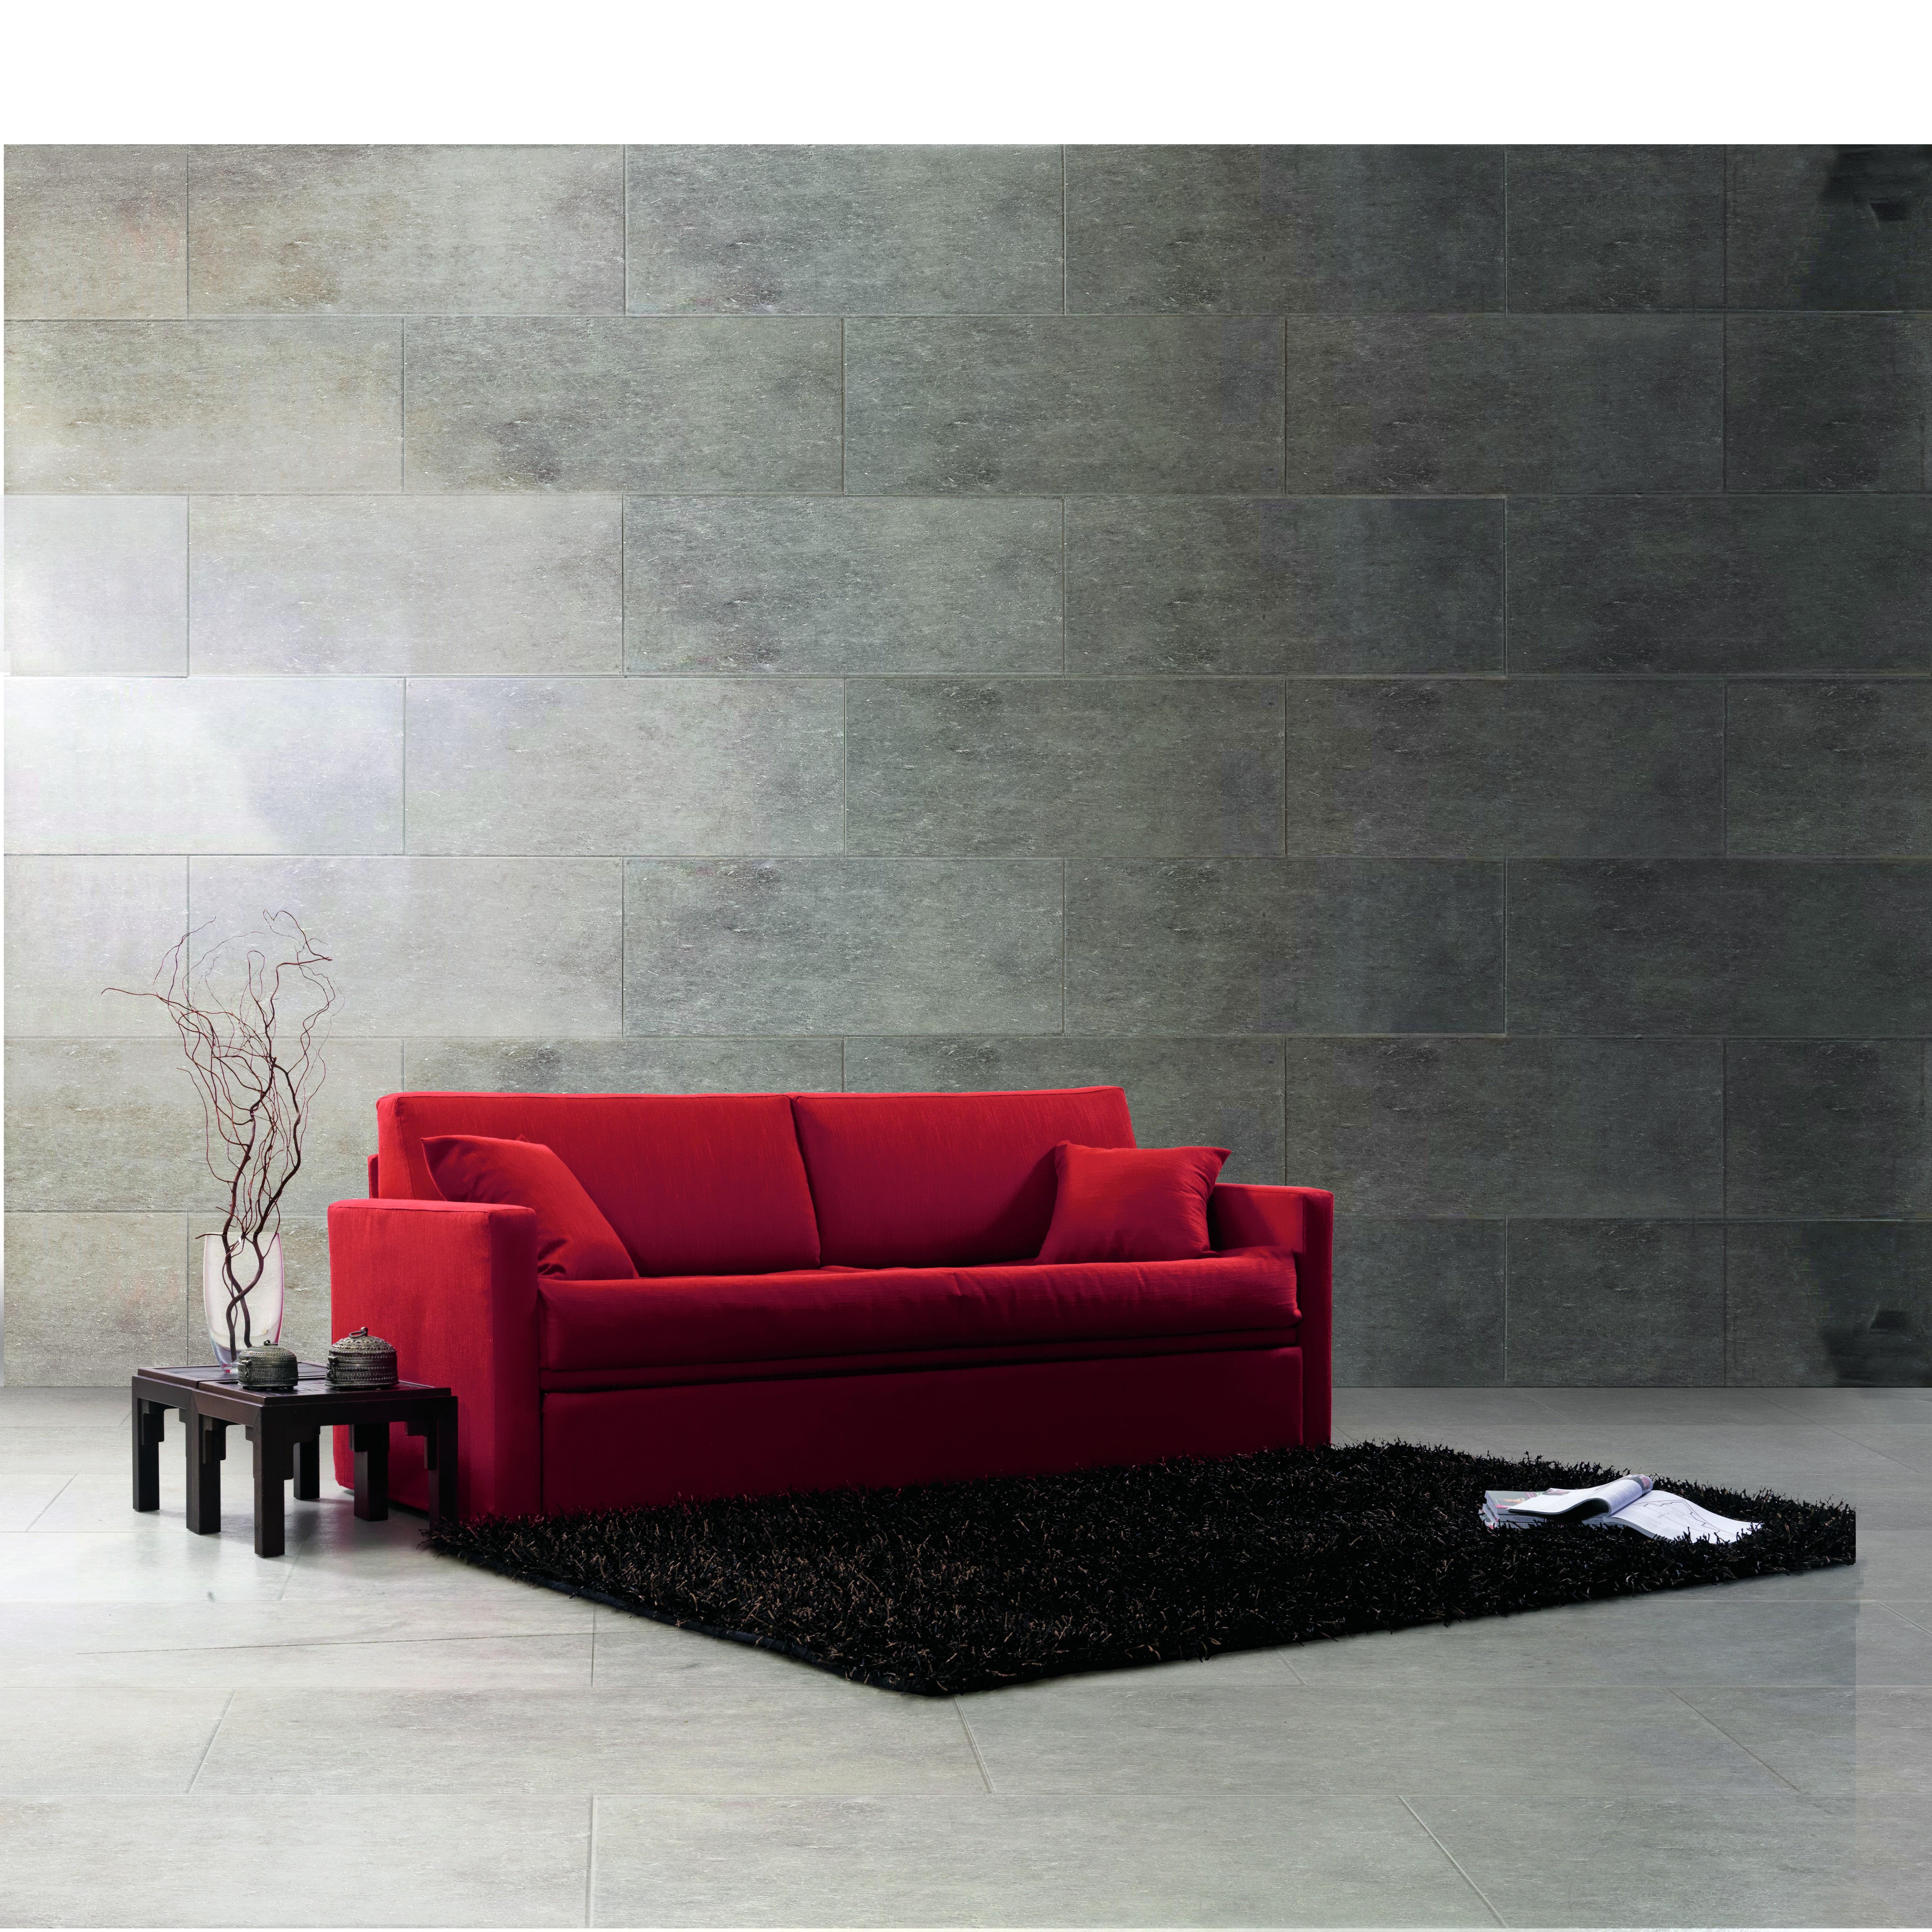 Tender divano letto con estraibile materassi mca - Divano letto prezzi convenienti ...